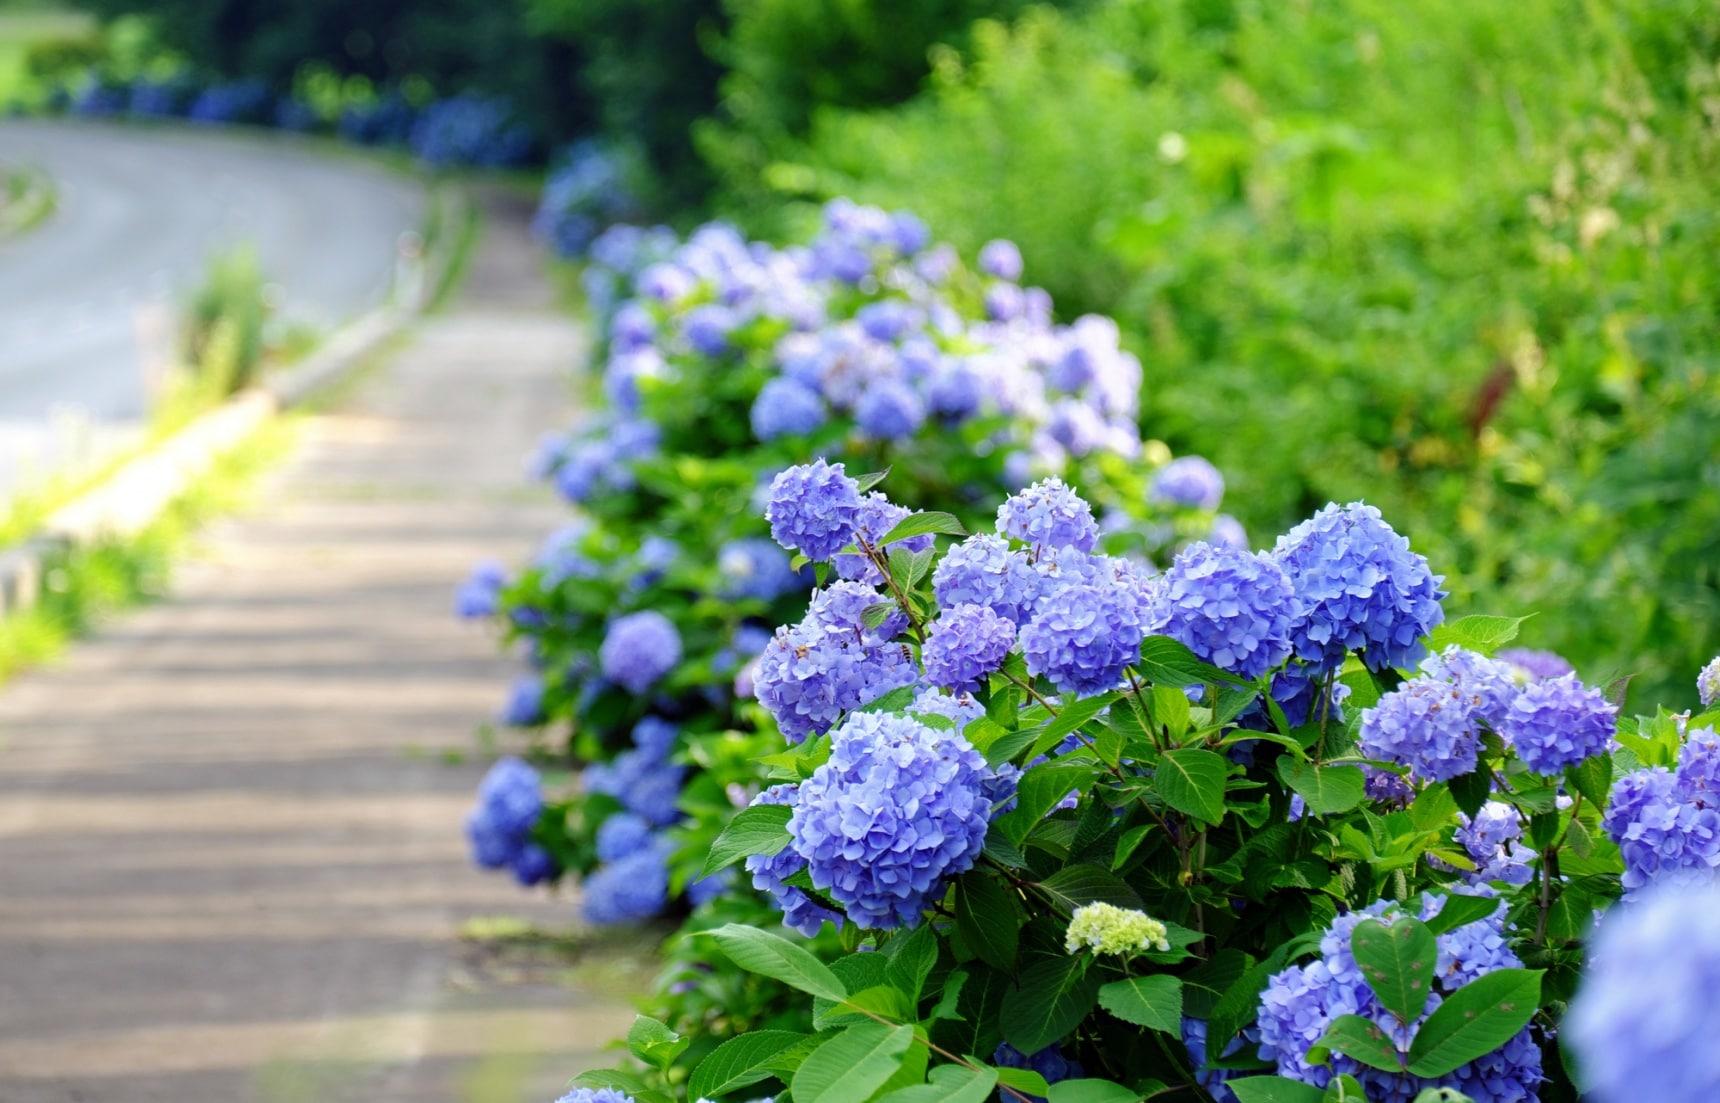 【日本歲時記】賞花兼長知識!六月梅雨季綻放的繡球花更顯嬌鮮欲滴